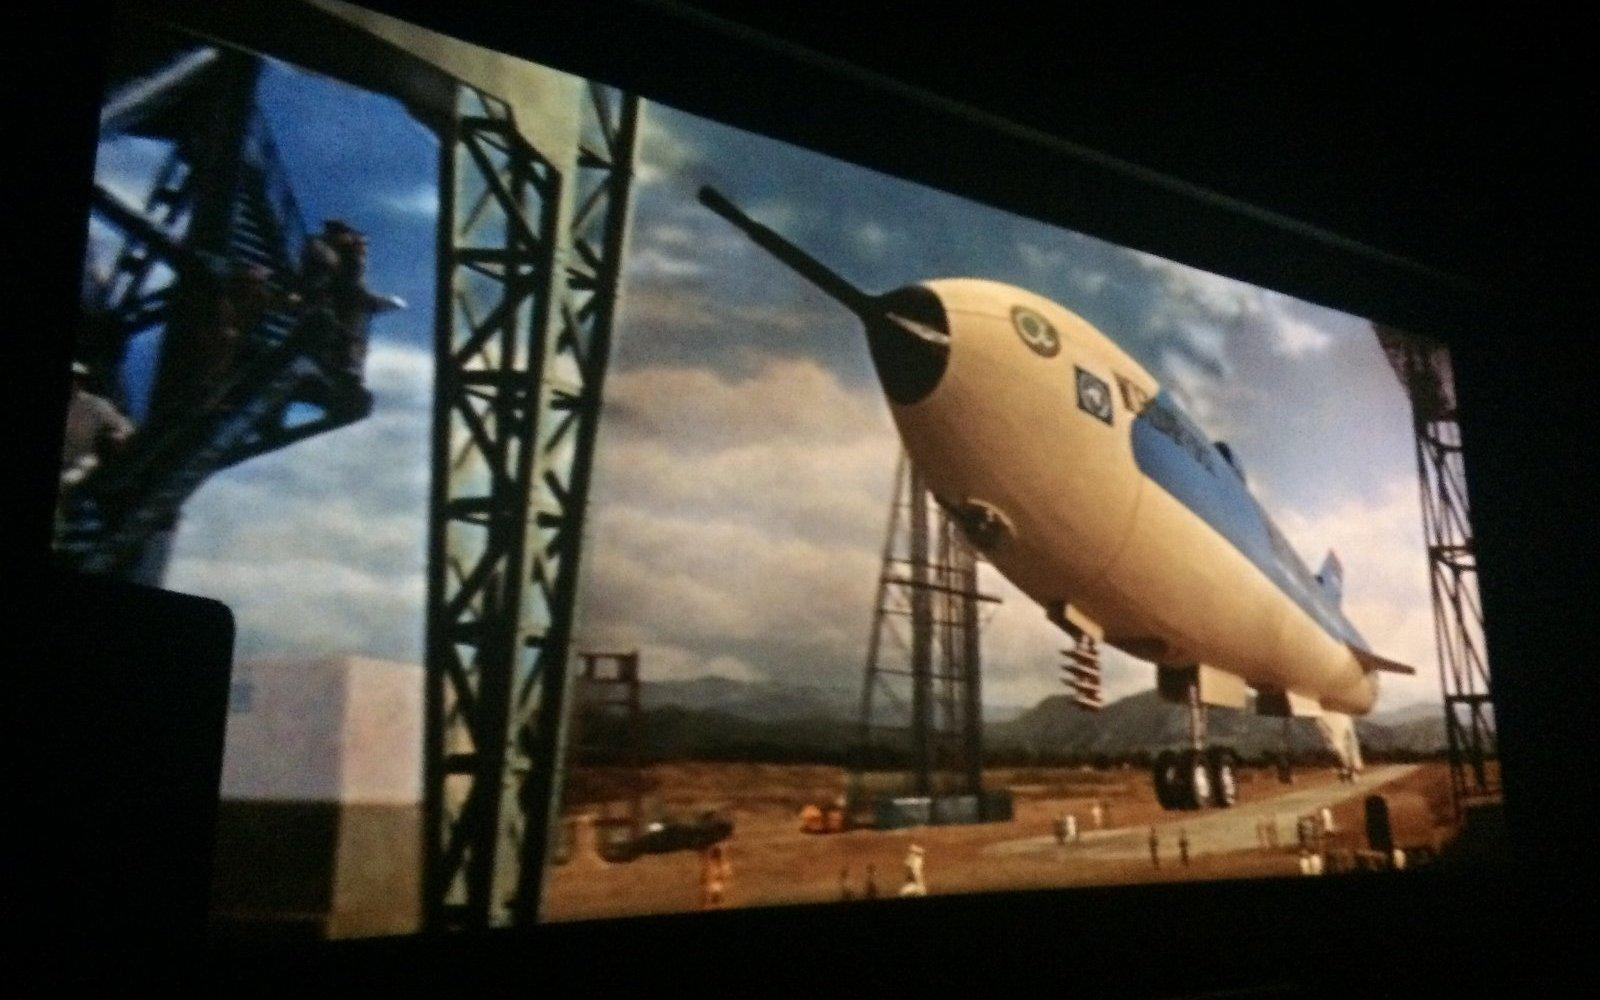 120インチシネスコスクリーンで観る『地球防衛軍』